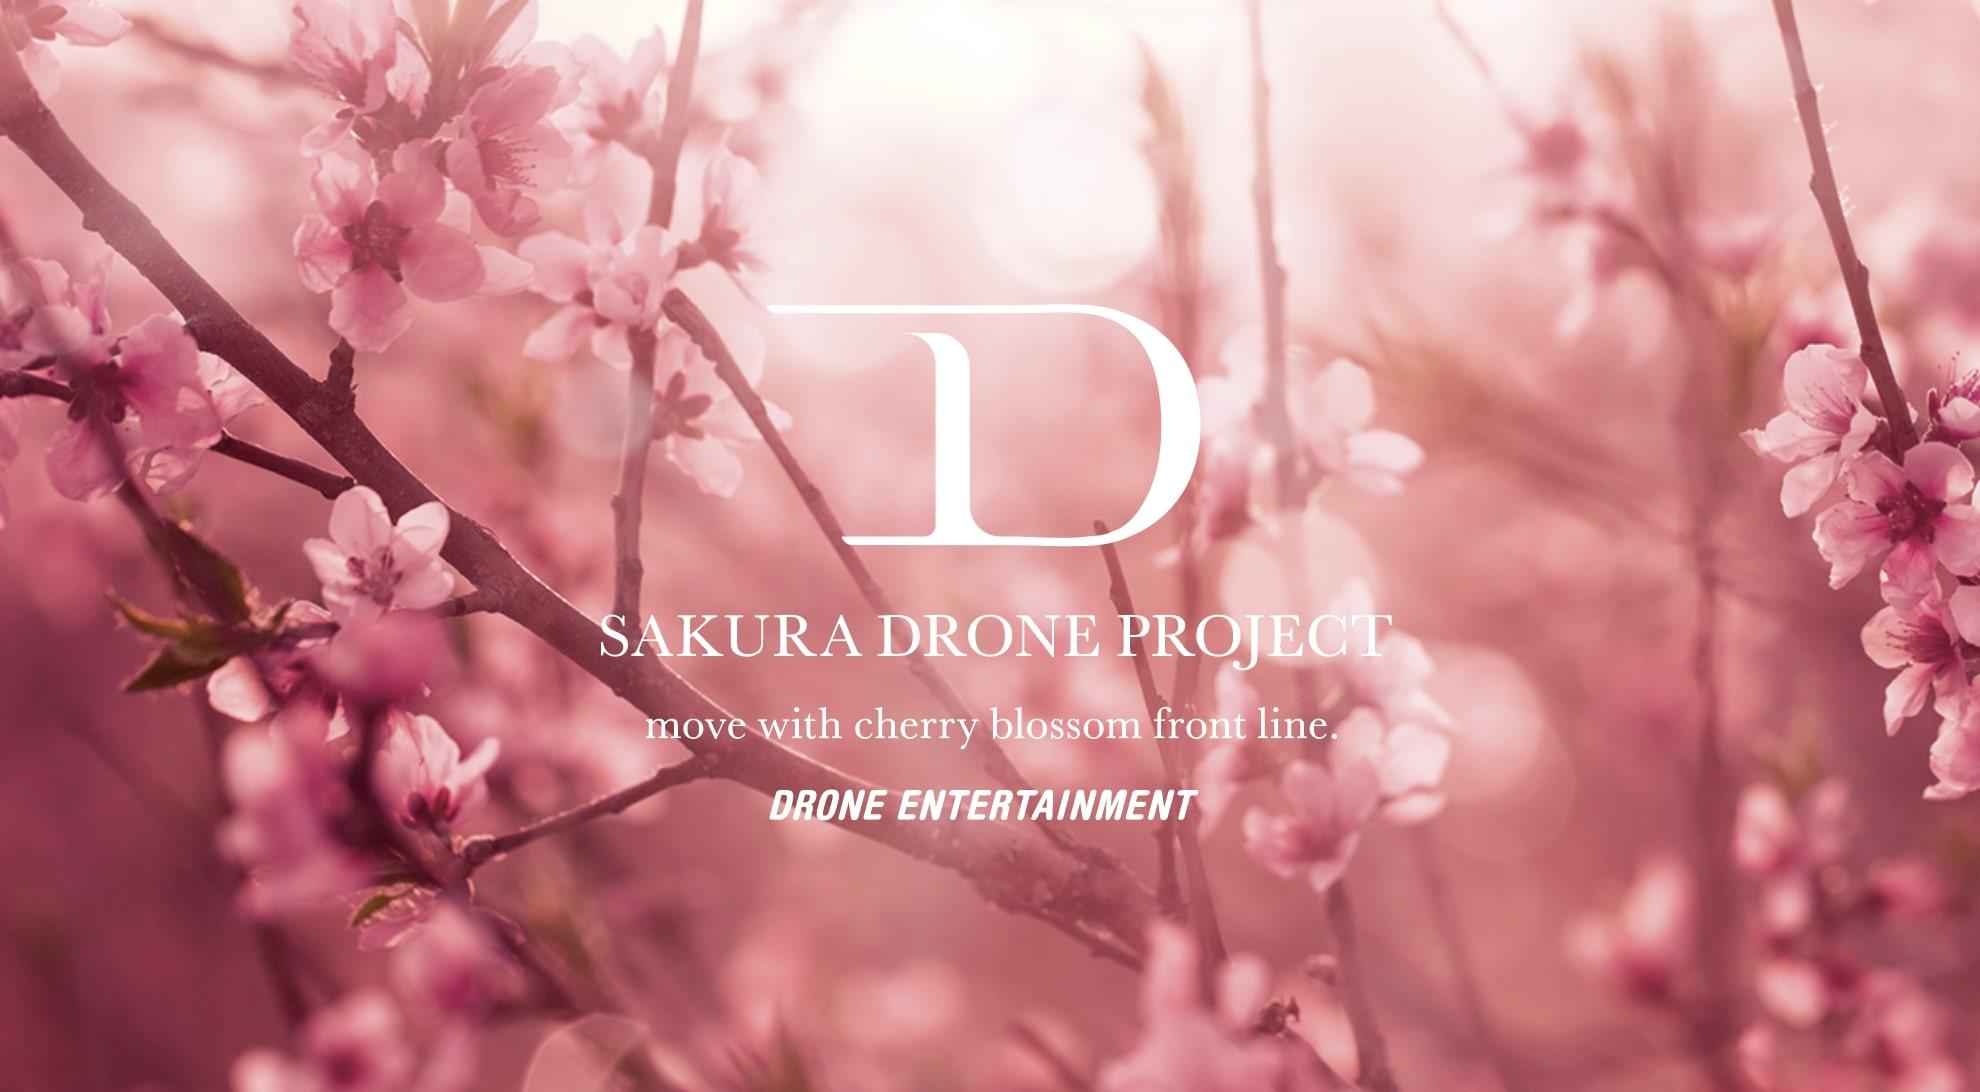 桜ドローンプロジェクト メインイメージ